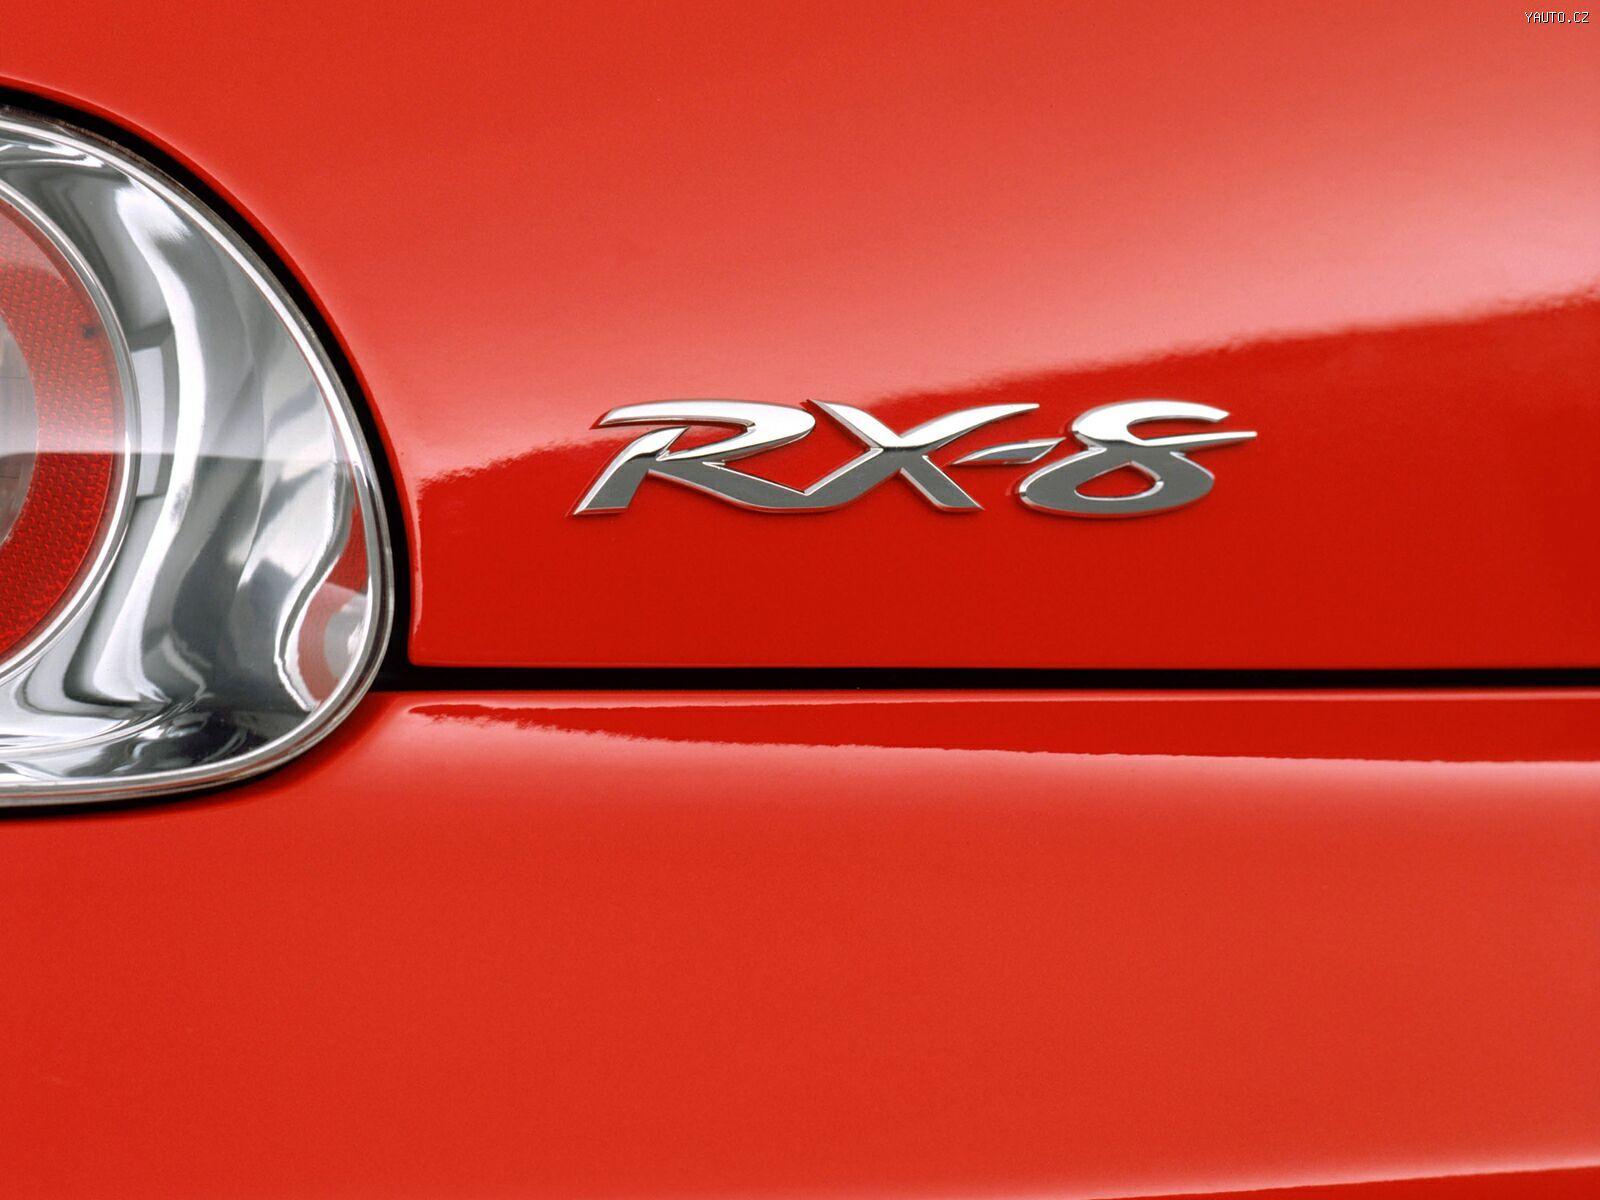 https://img.yauto.cz/tapety/Mazda_RX8_2003_10.jpg